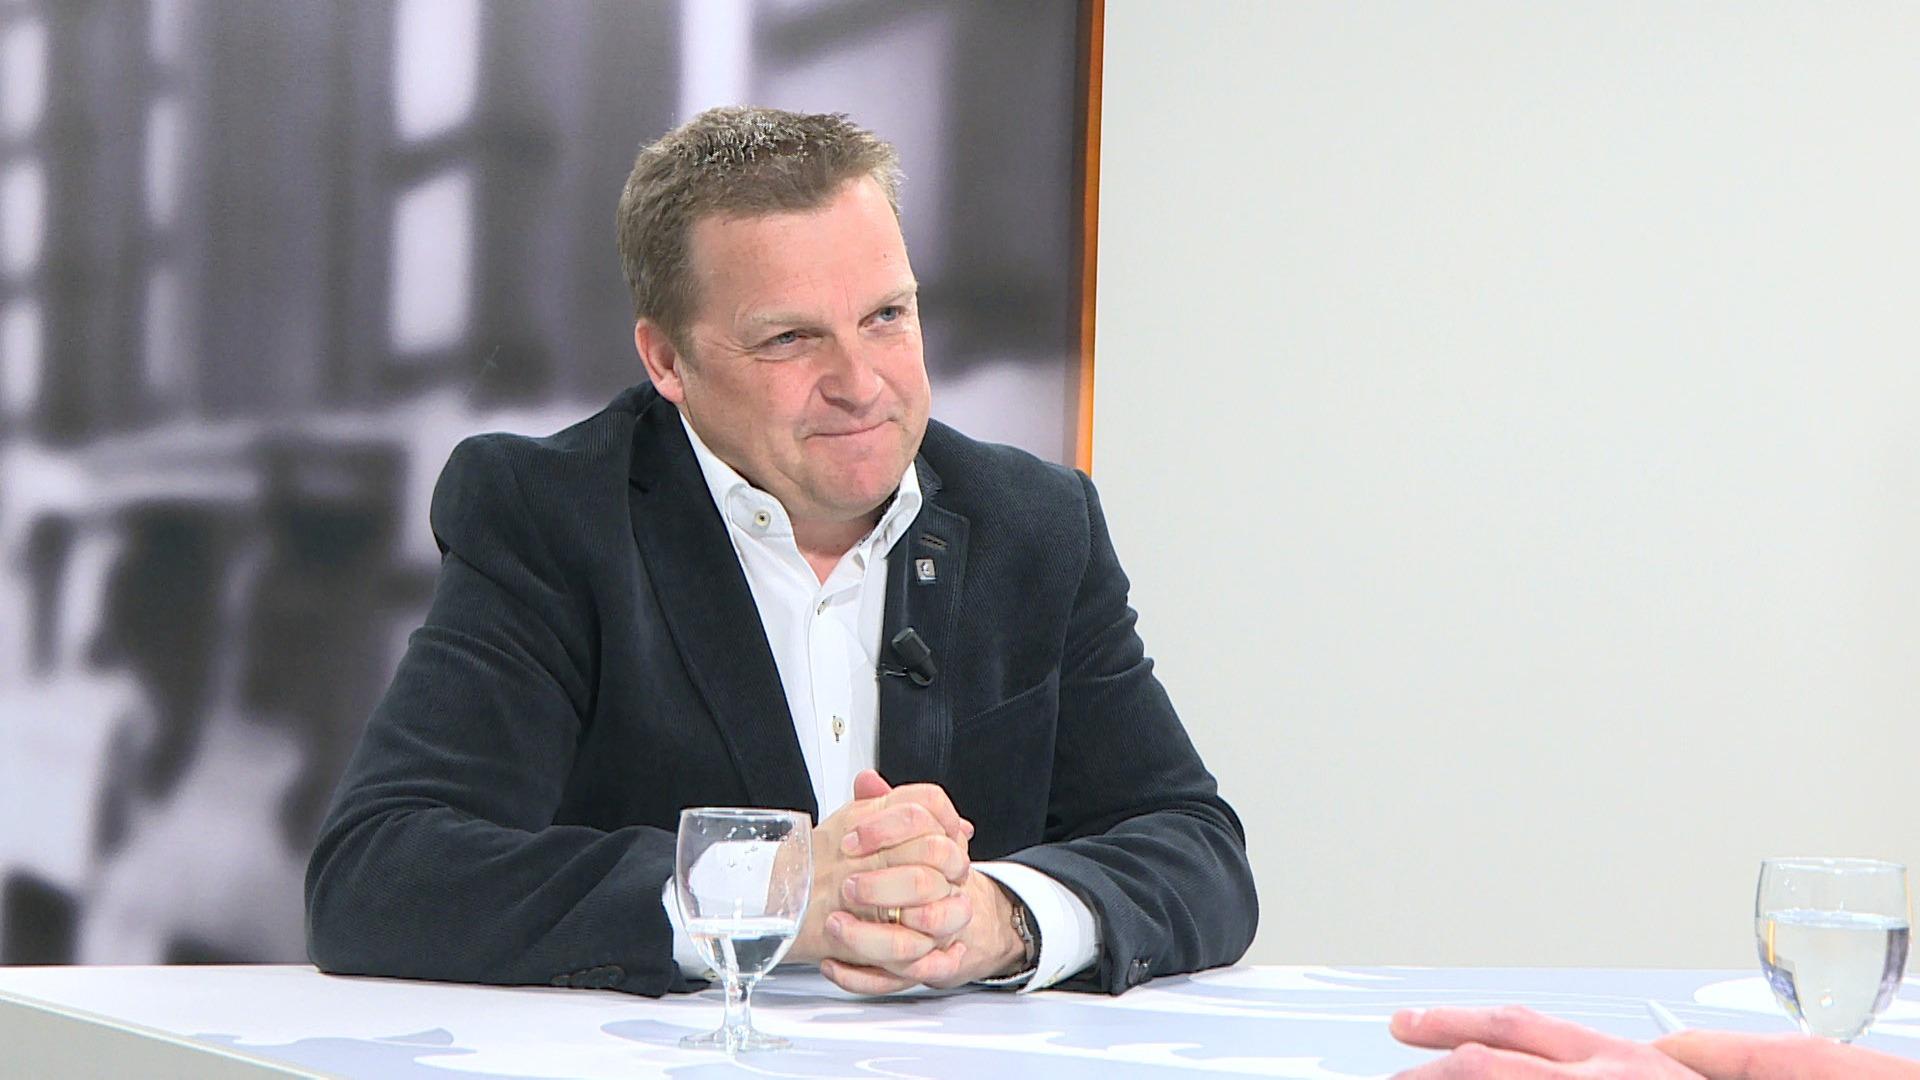 Studio Vlaams Parlement: Paul Van Miert over rekeningrijden voor personenwagens